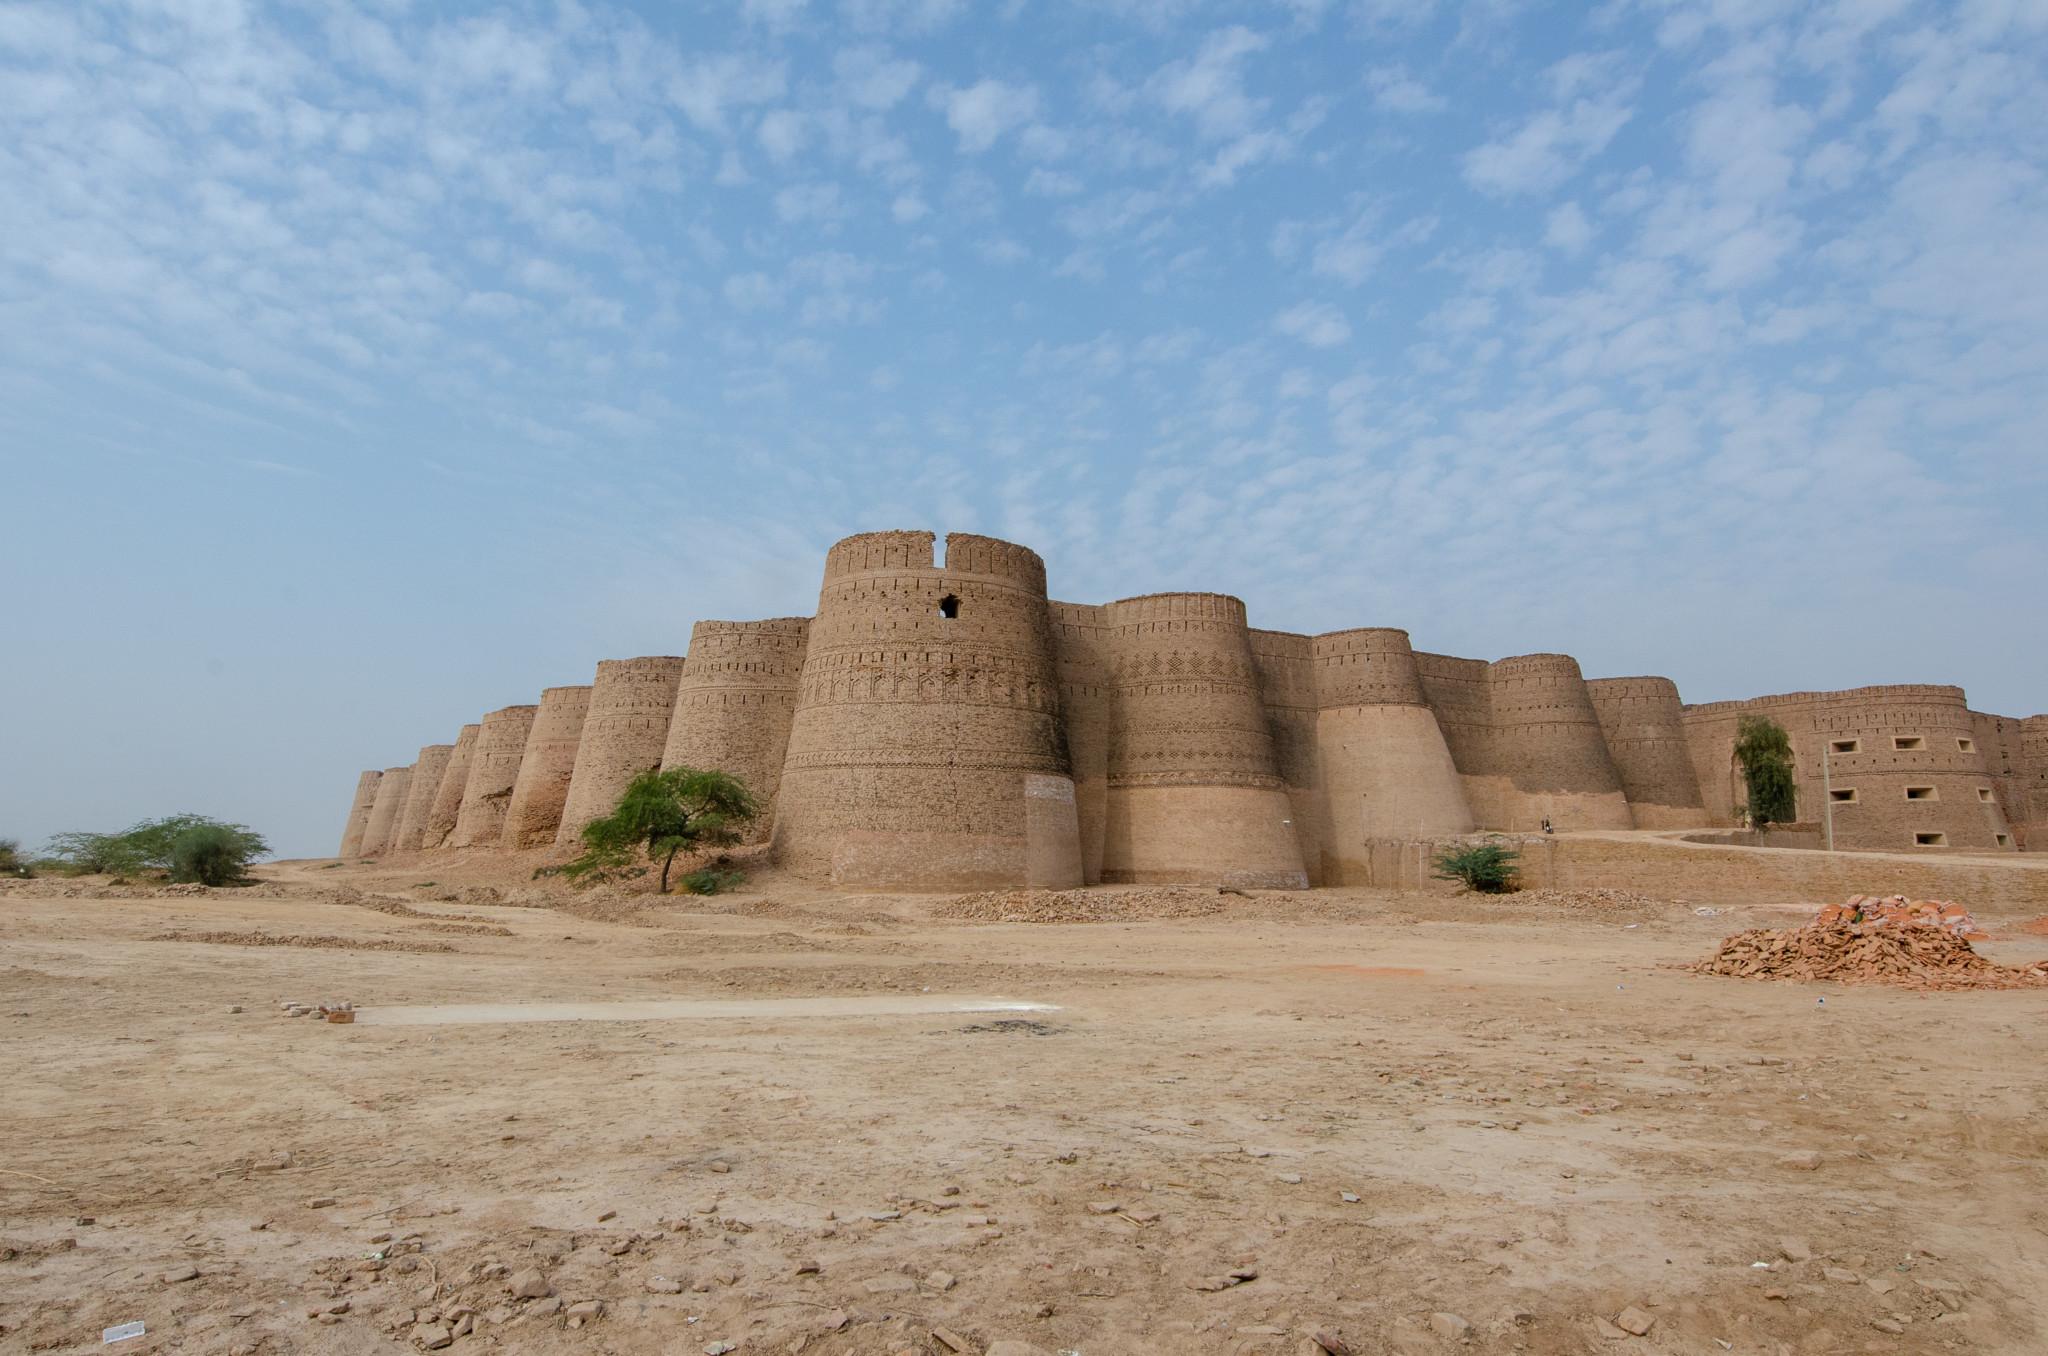 Pakistan Rundreise: Die perfekte Route für 3 Wochen (+ Kosten)